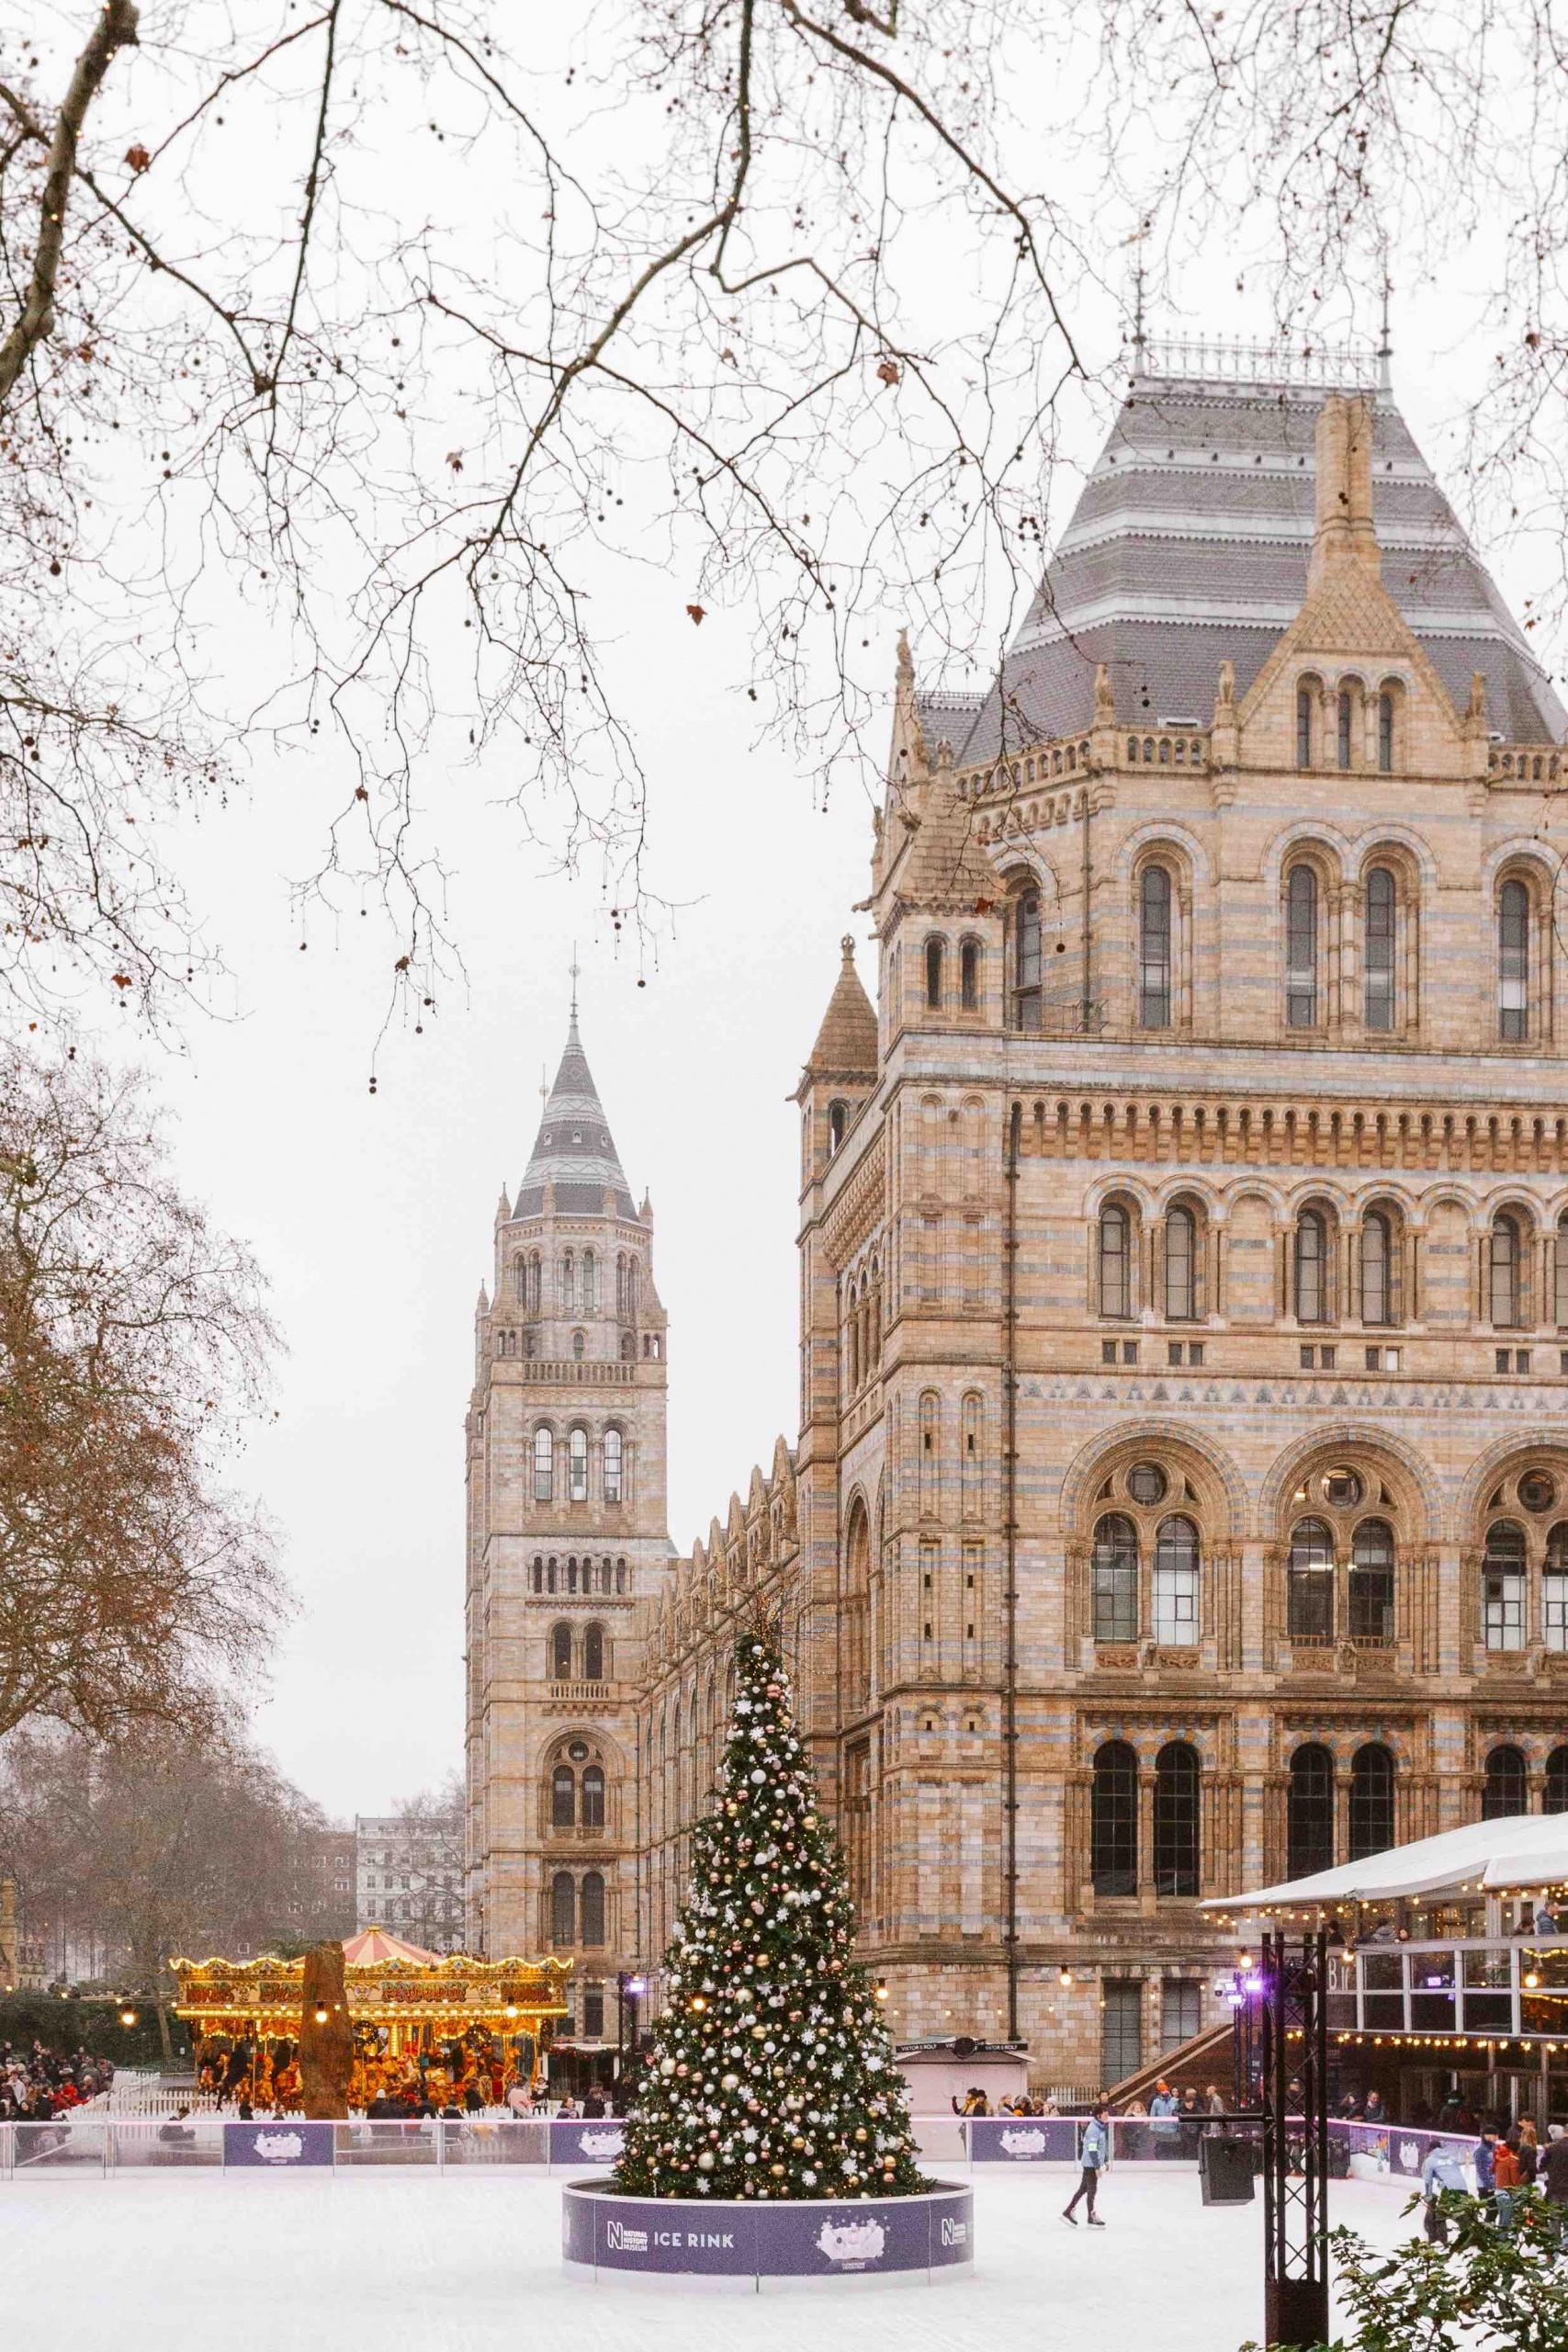 Natale a Londra: pista pattinaggio sul ghiaccio